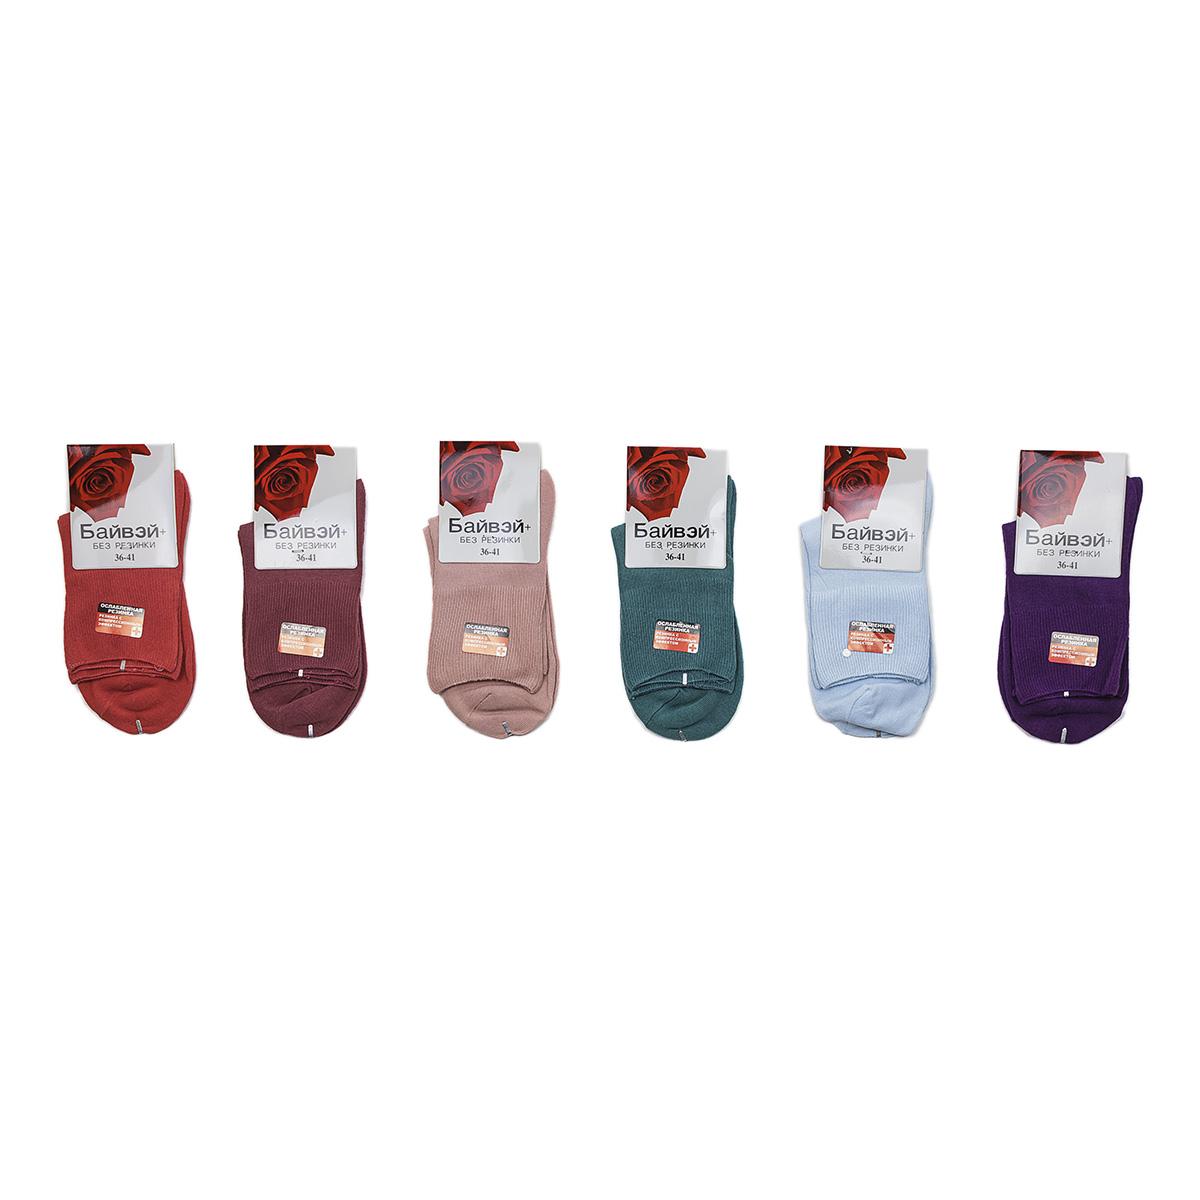 Носки женские Байвэй, цвет ЧерныйНоски и чулки<br><br><br>Тип: Жен. носки<br>Размер: 36-41<br>Материал: Хлопок